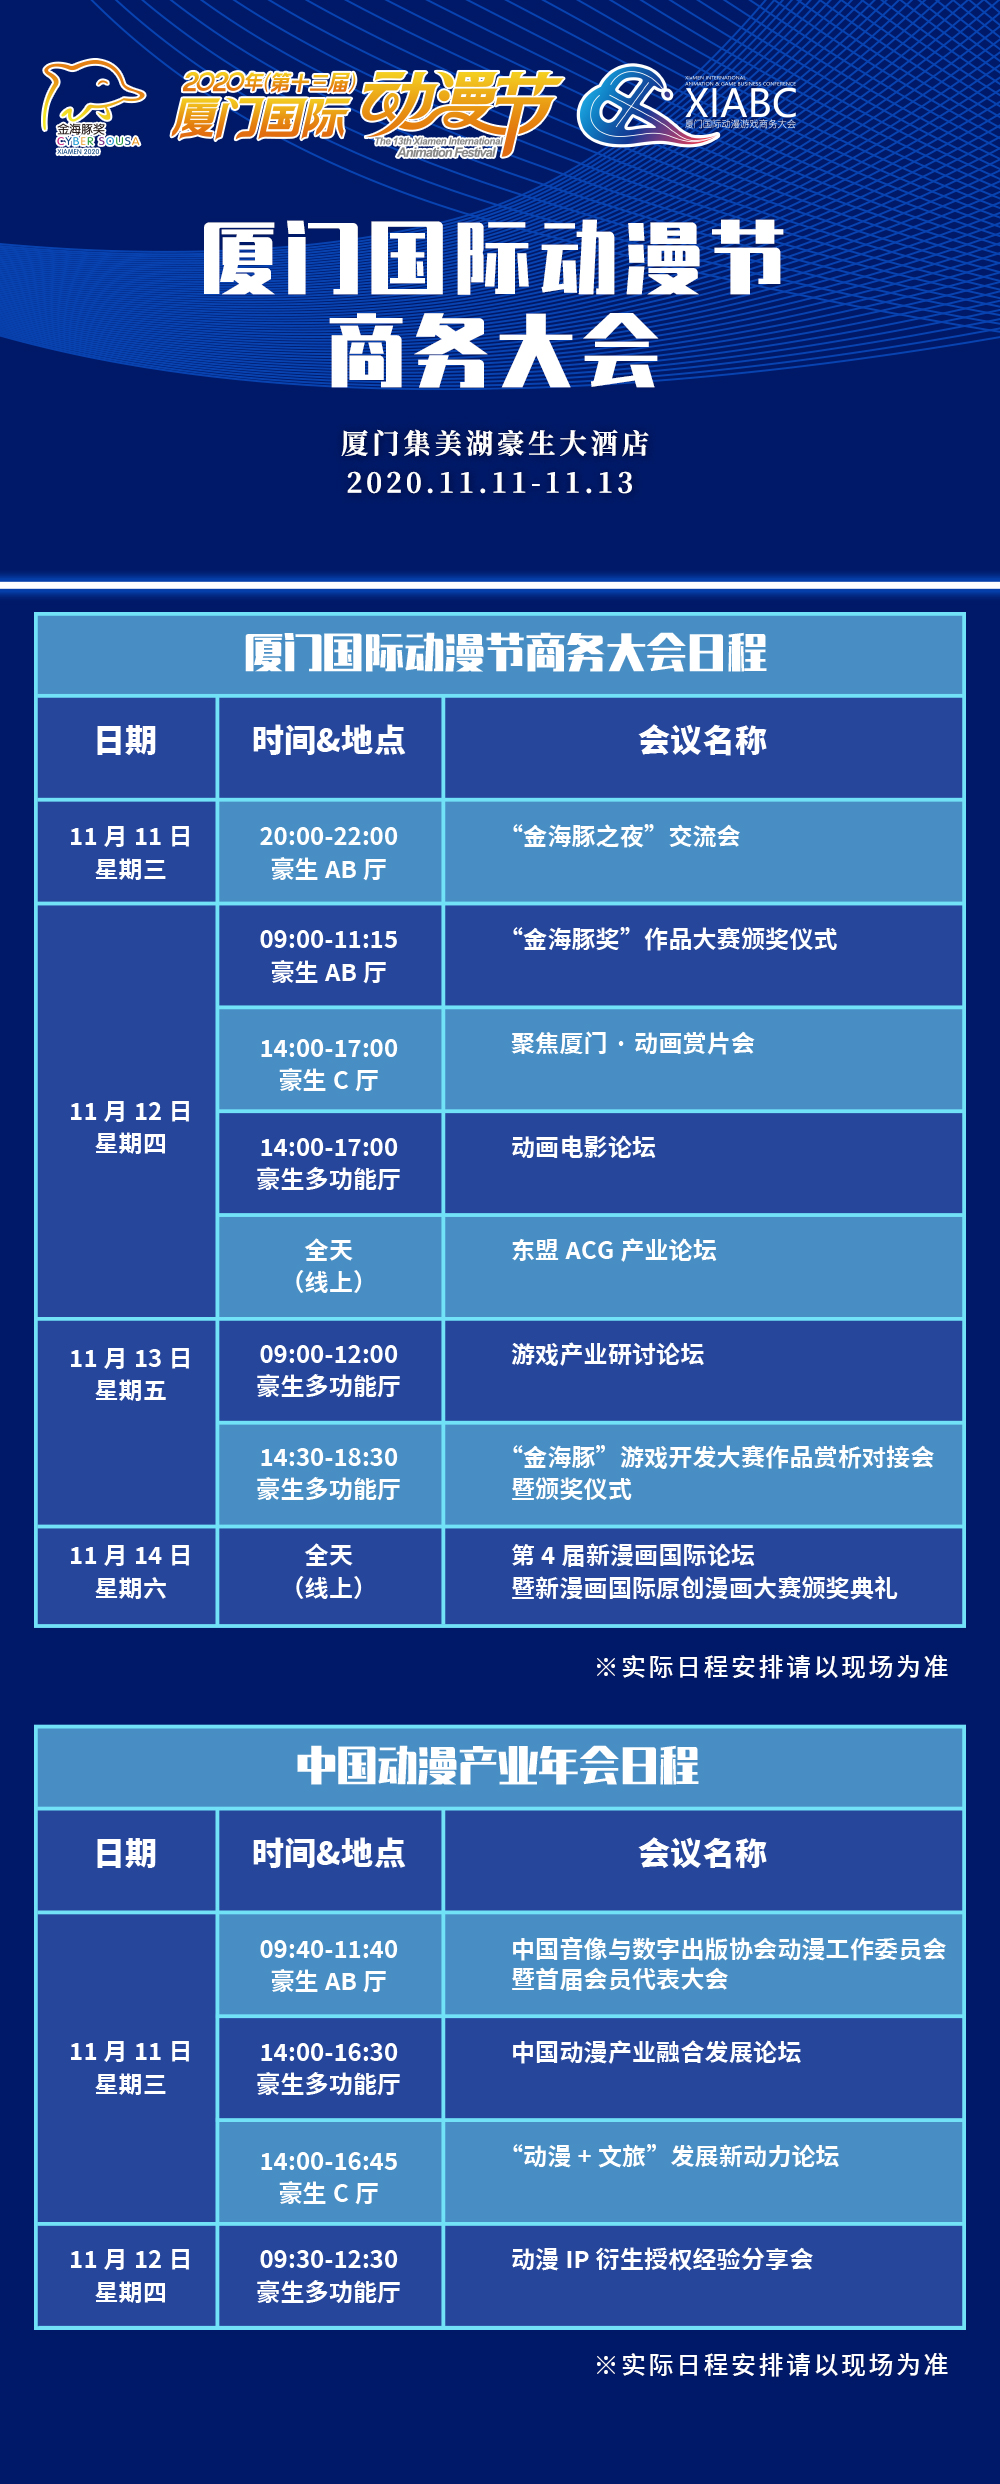 """第十三届厦门国际动漫节明日启幕 共赴""""鹭岛动漫之约"""" 业界信息 第2张"""